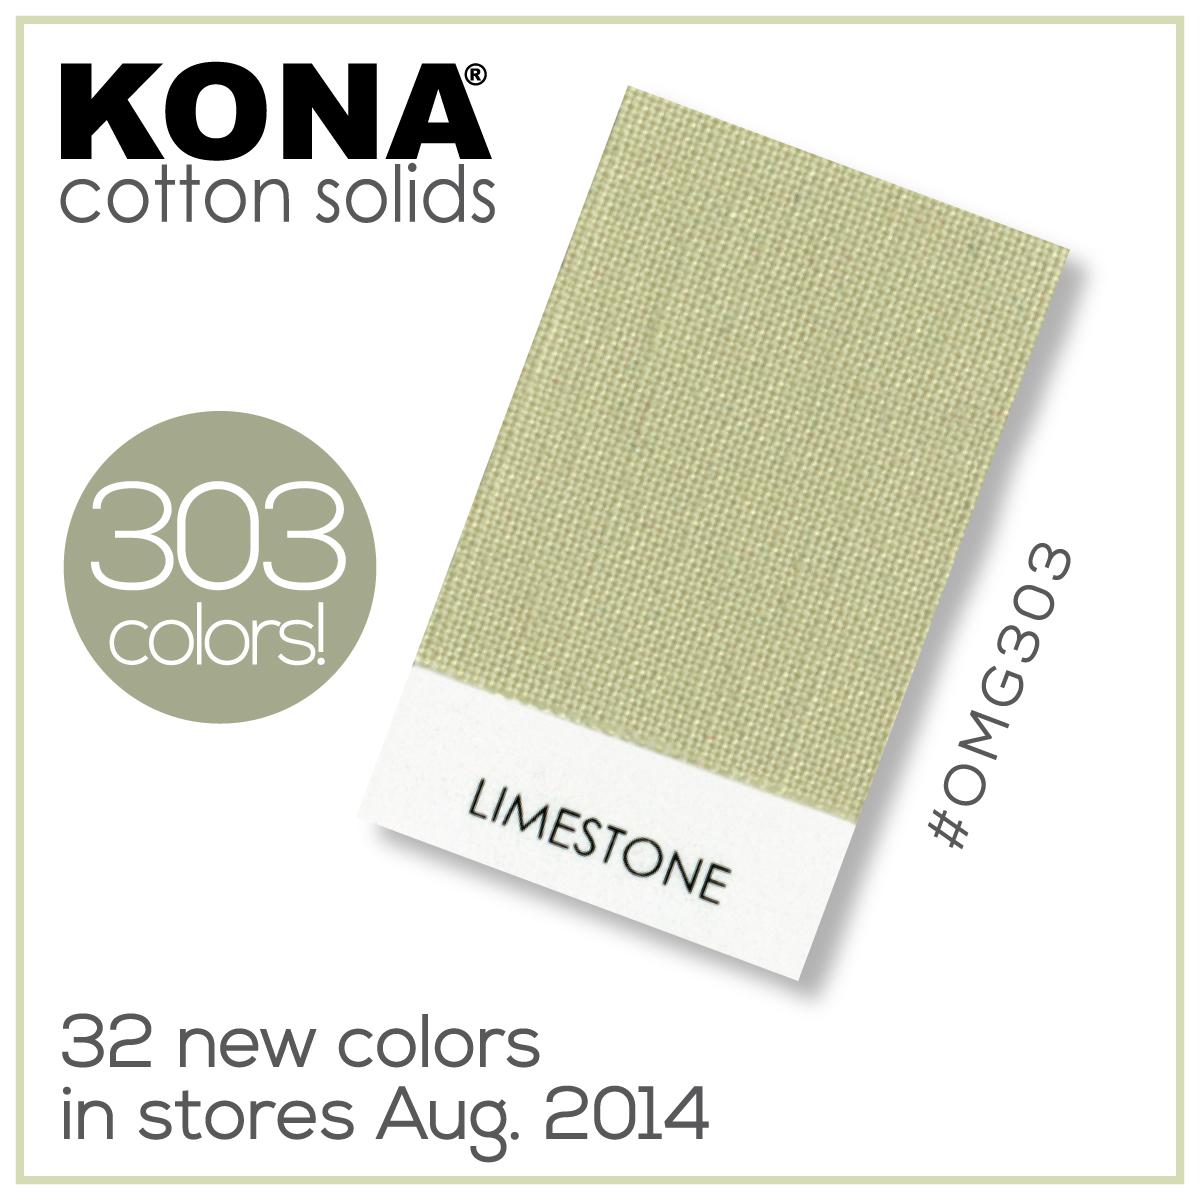 Kona-Limestone.jpg